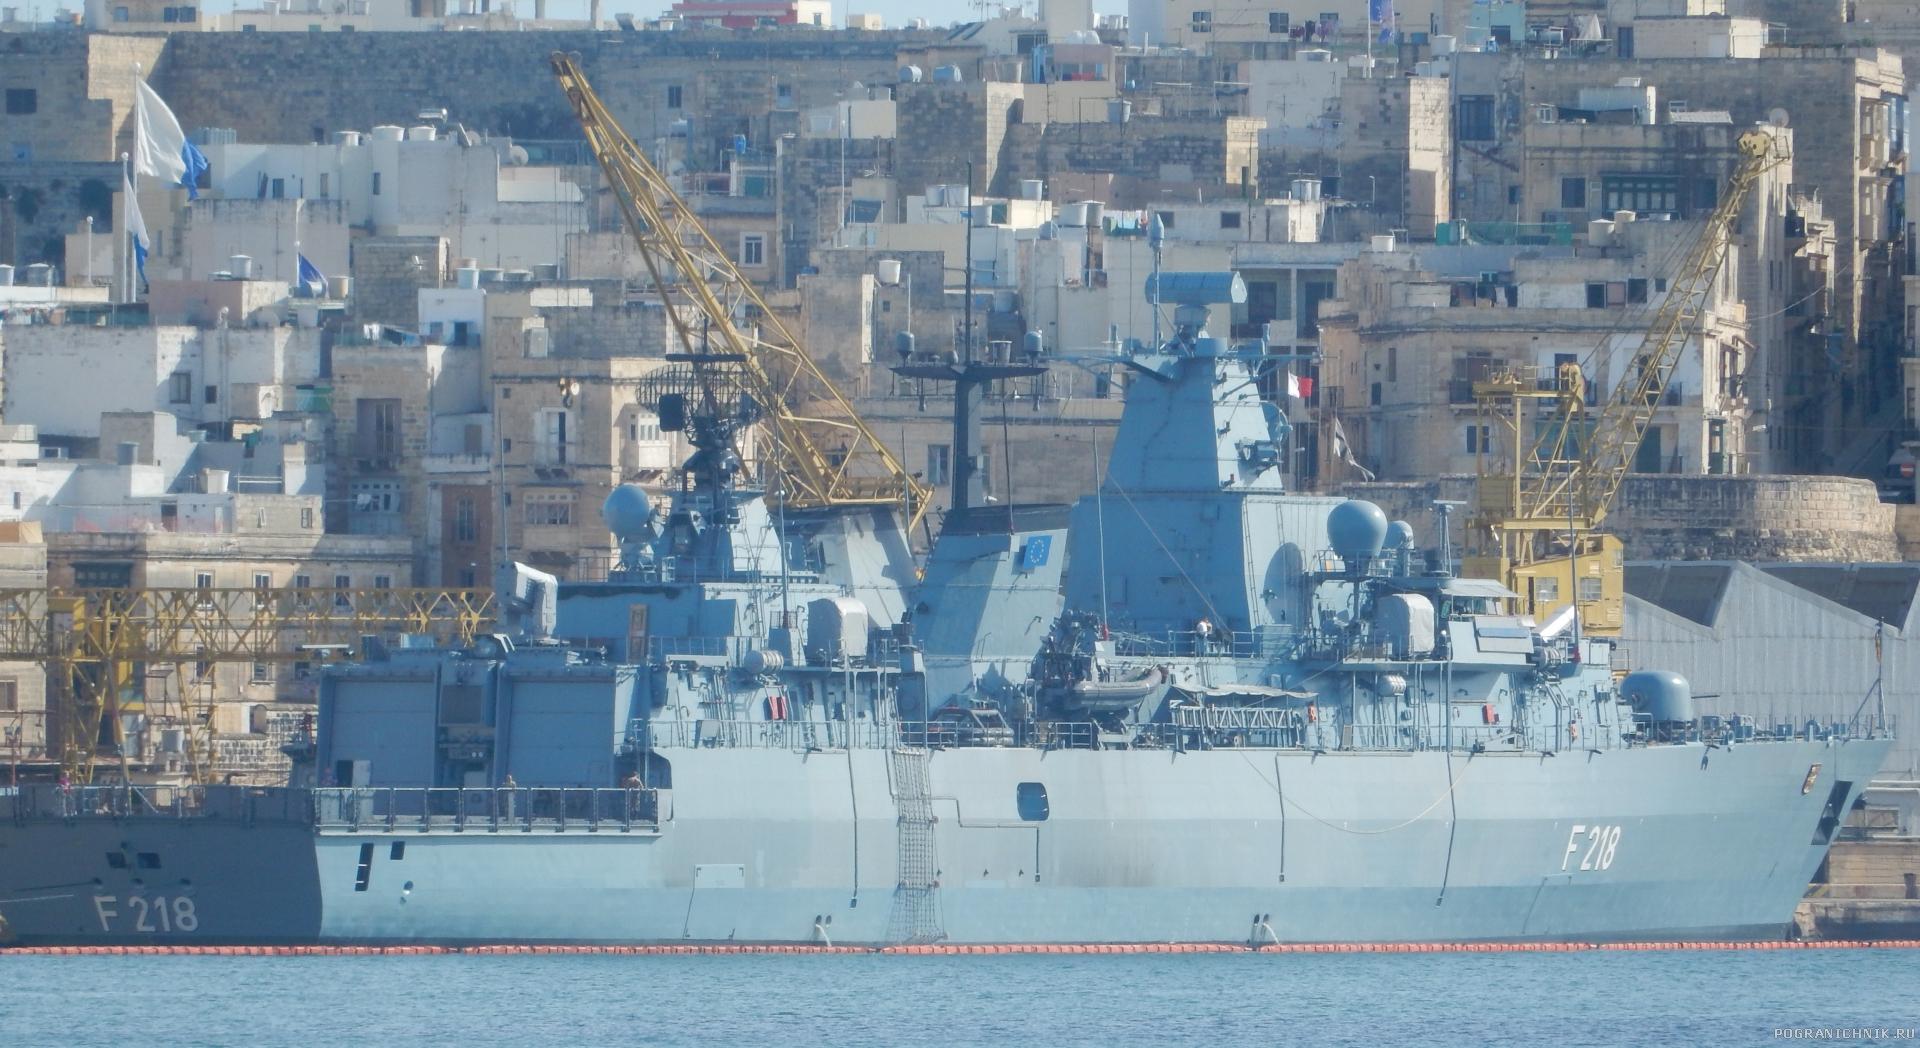 Фрегат ВМС ФРГ Mecklenburg Vorpommern типа Бранденбург